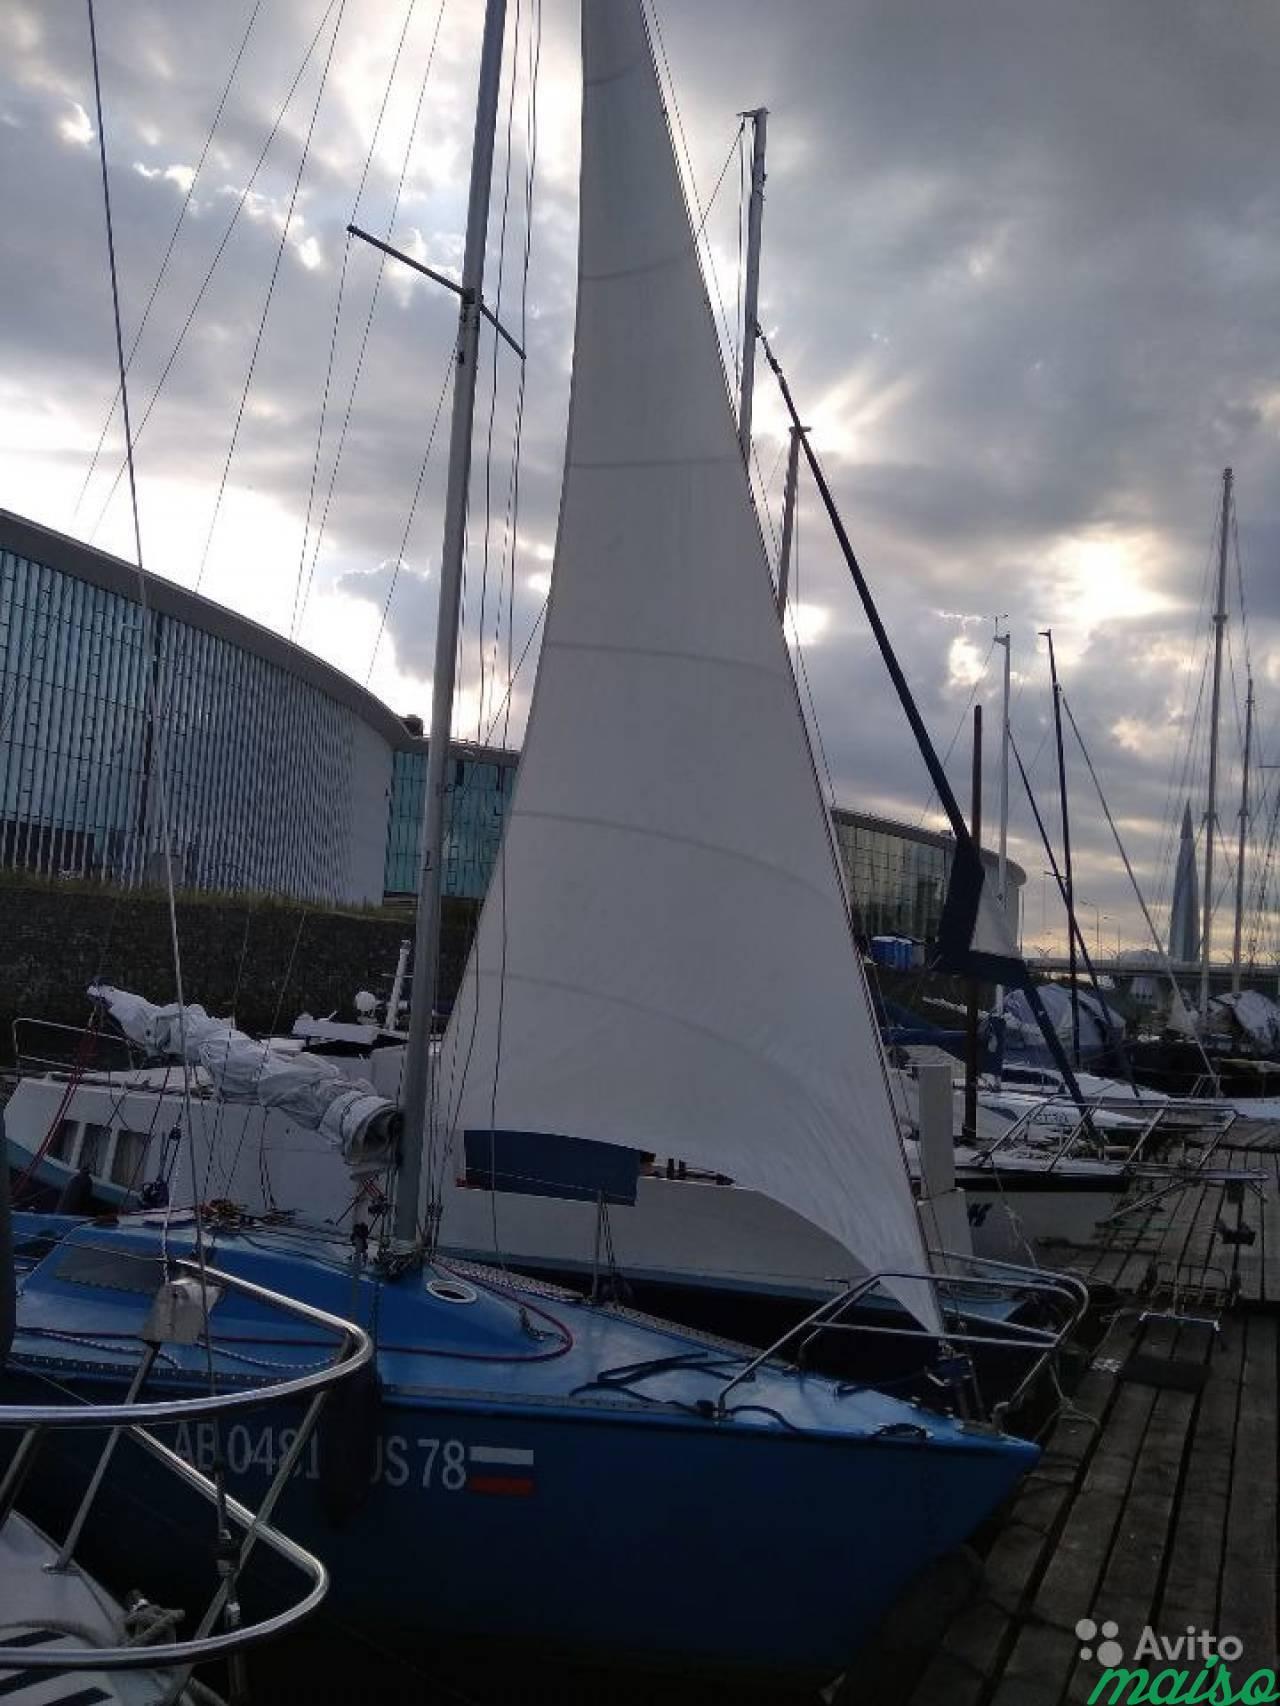 интерна яхта на неве фото латексеблондинка латексной обтягивающей